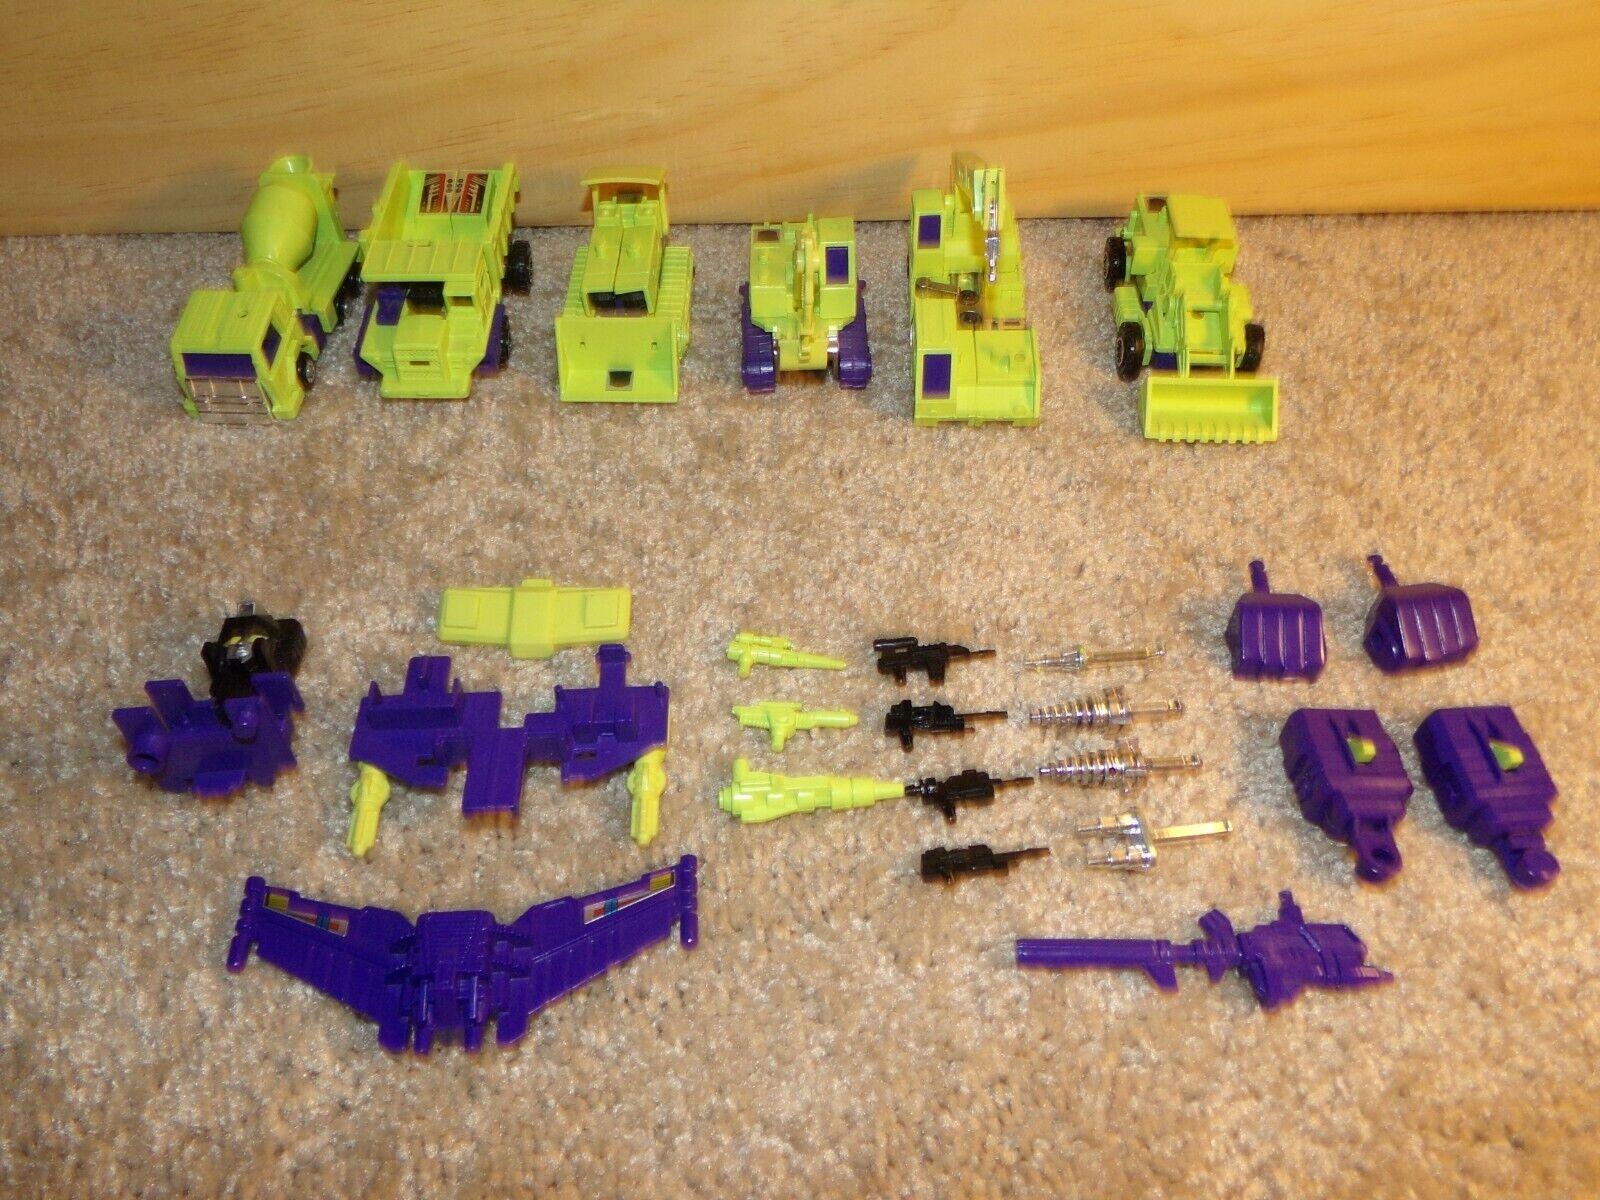 Devastator constructicones Completo Conjunto Menta G1 intacto Transformer Retro